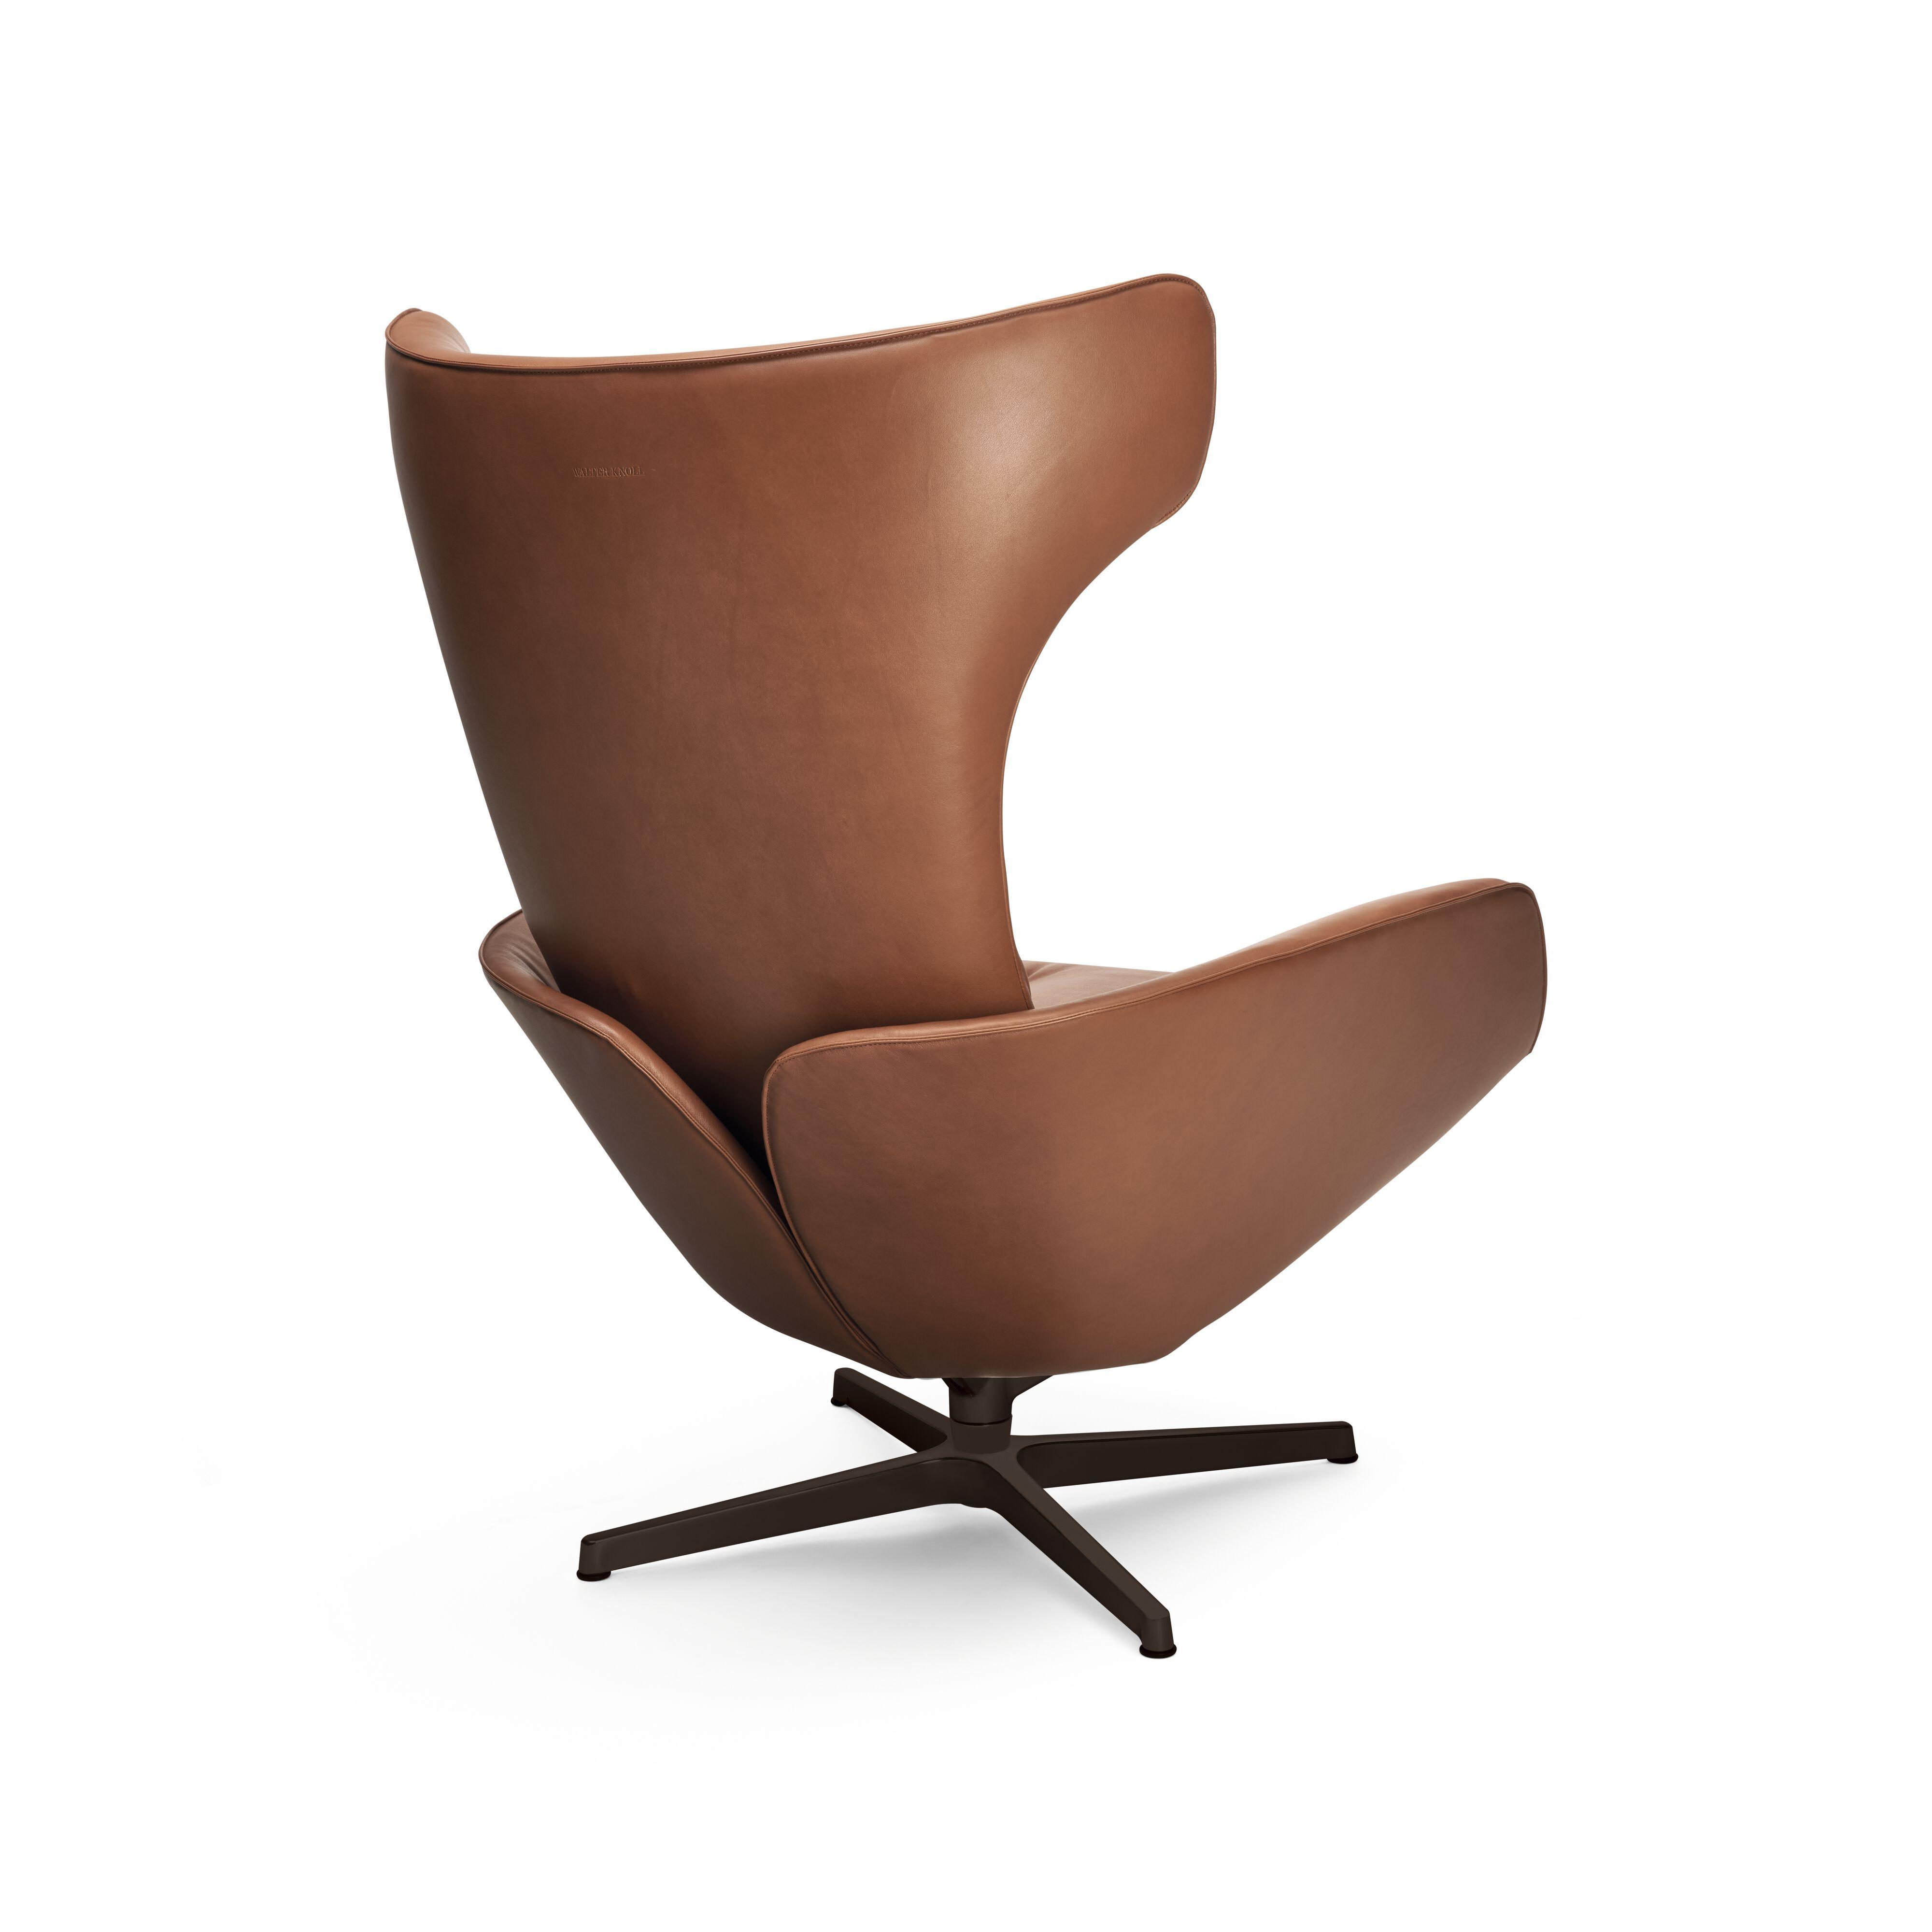 WK-Onsa Chair-matt-pulverbeschichtet, bronze-0012-H.tif